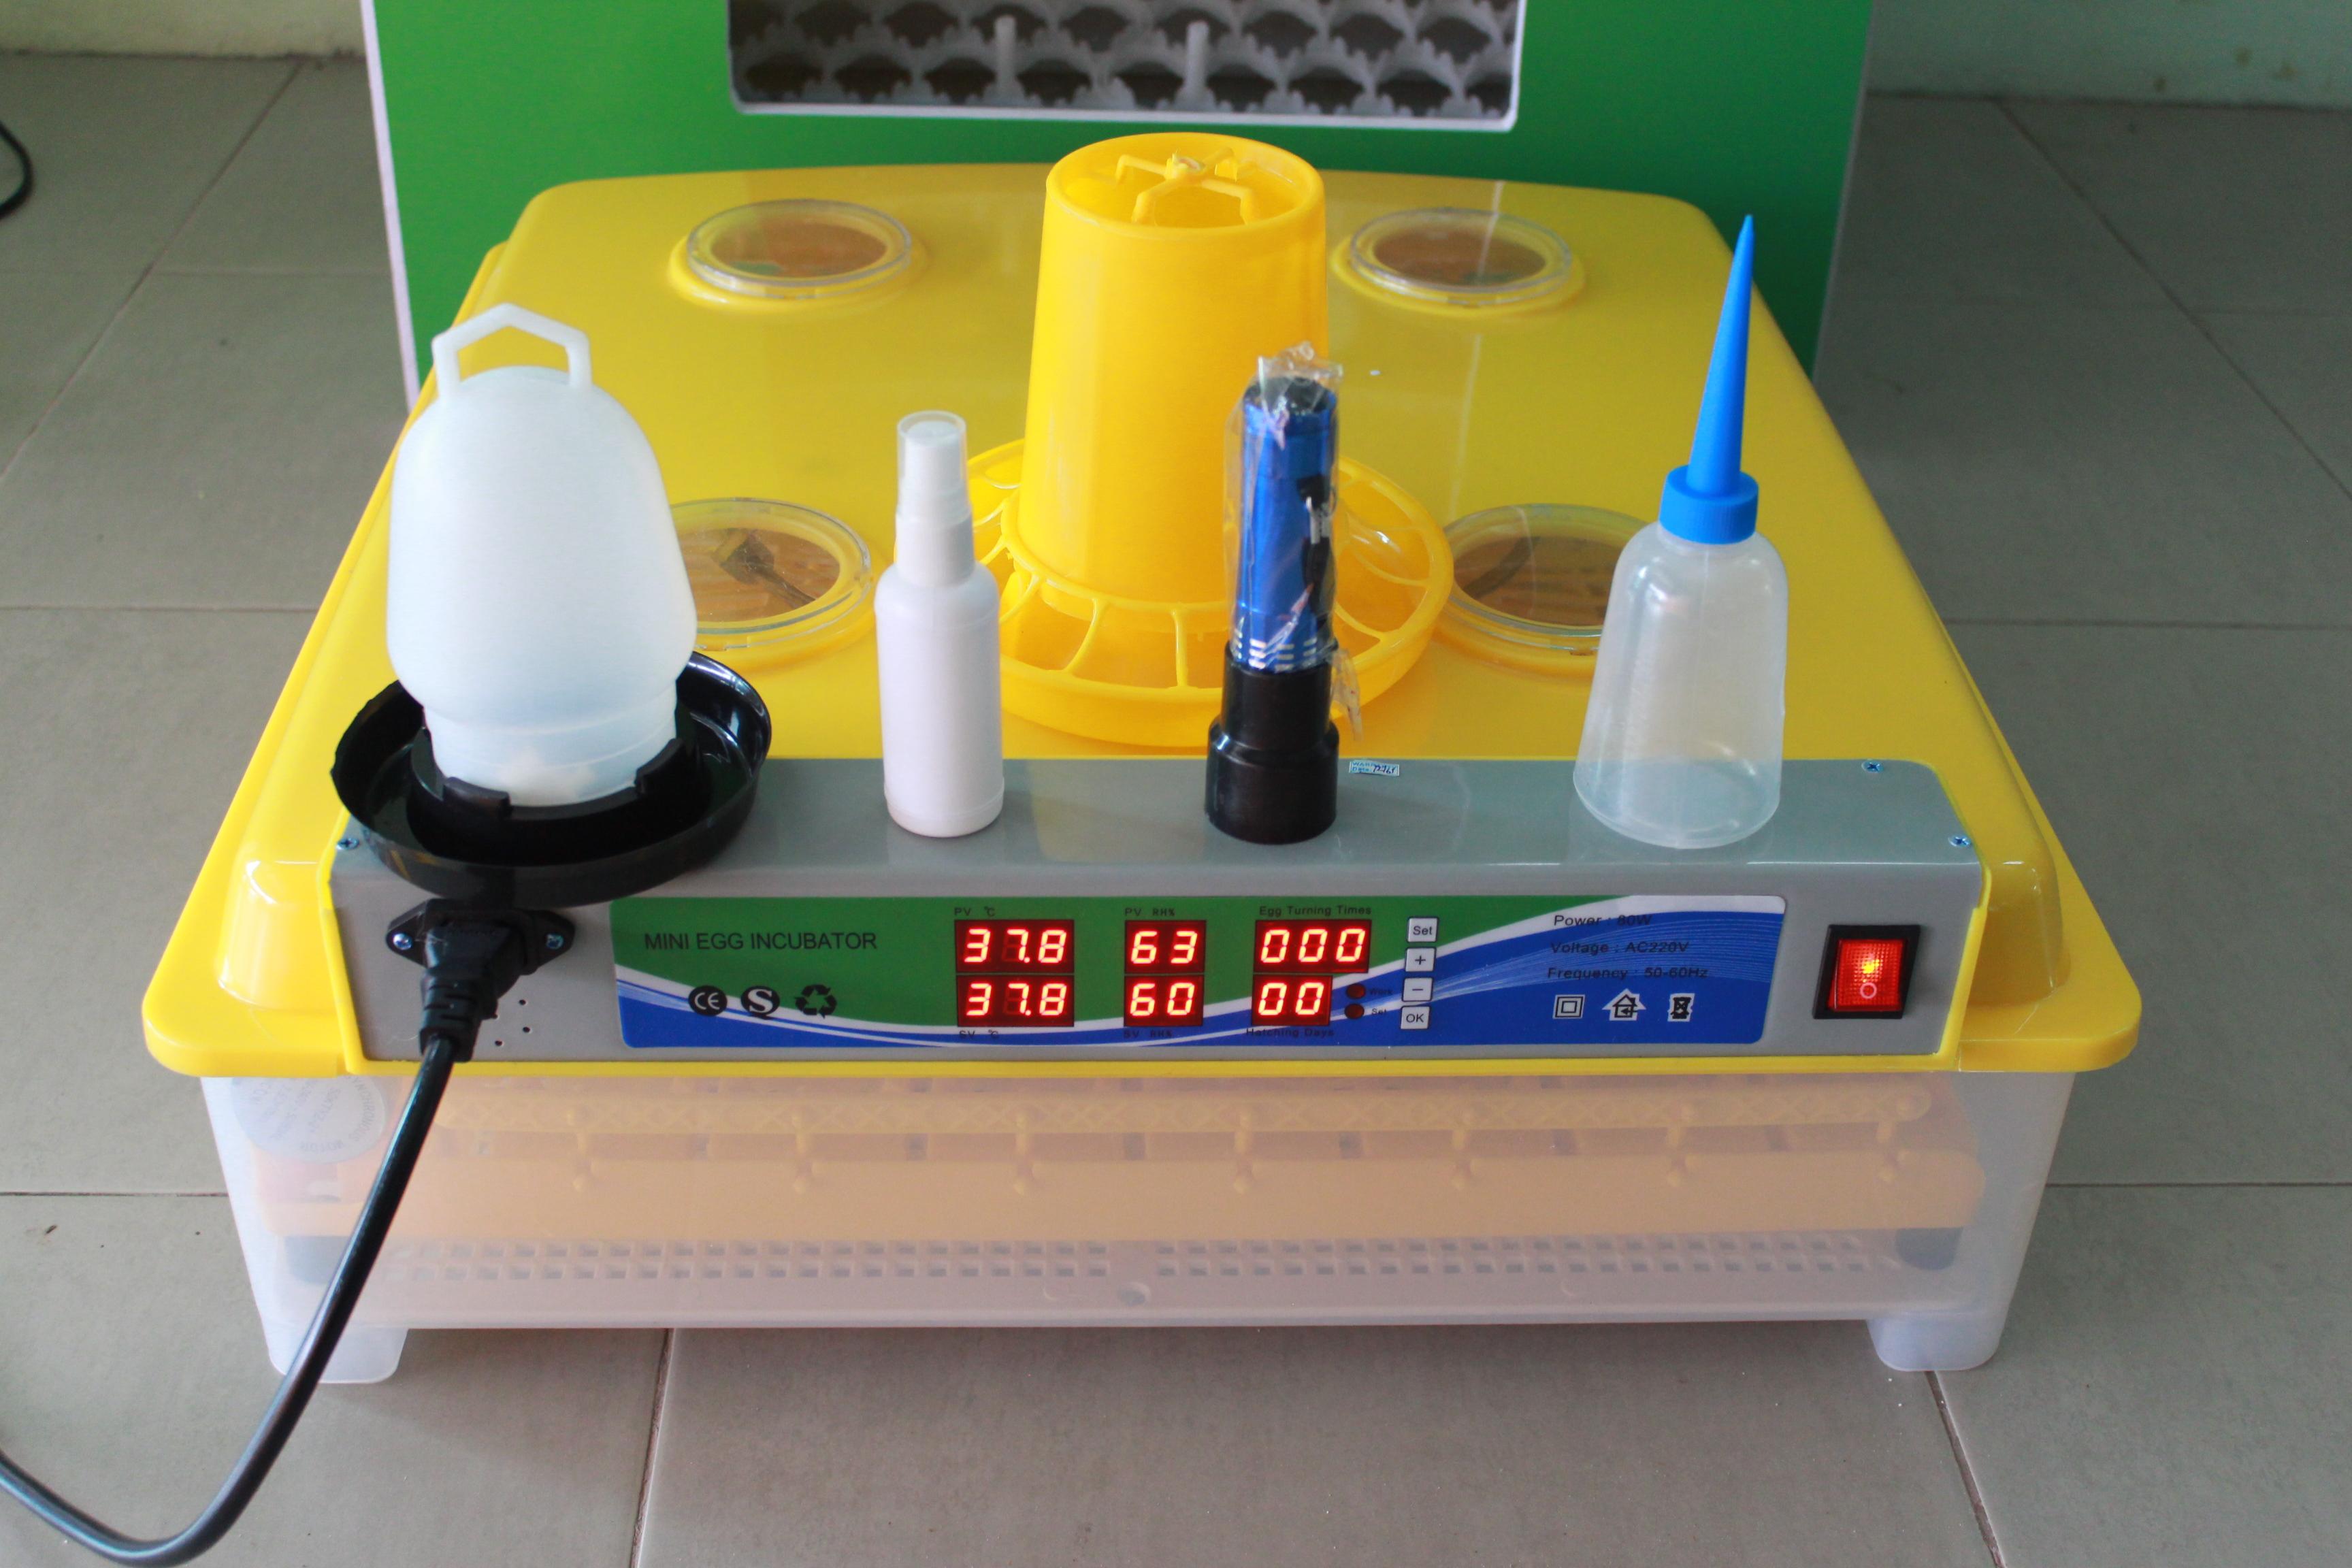 เครื่องฟักไข่อัตโนมัติ AUTO-98 (จัดส่งฟรีทั่วประเทศ)